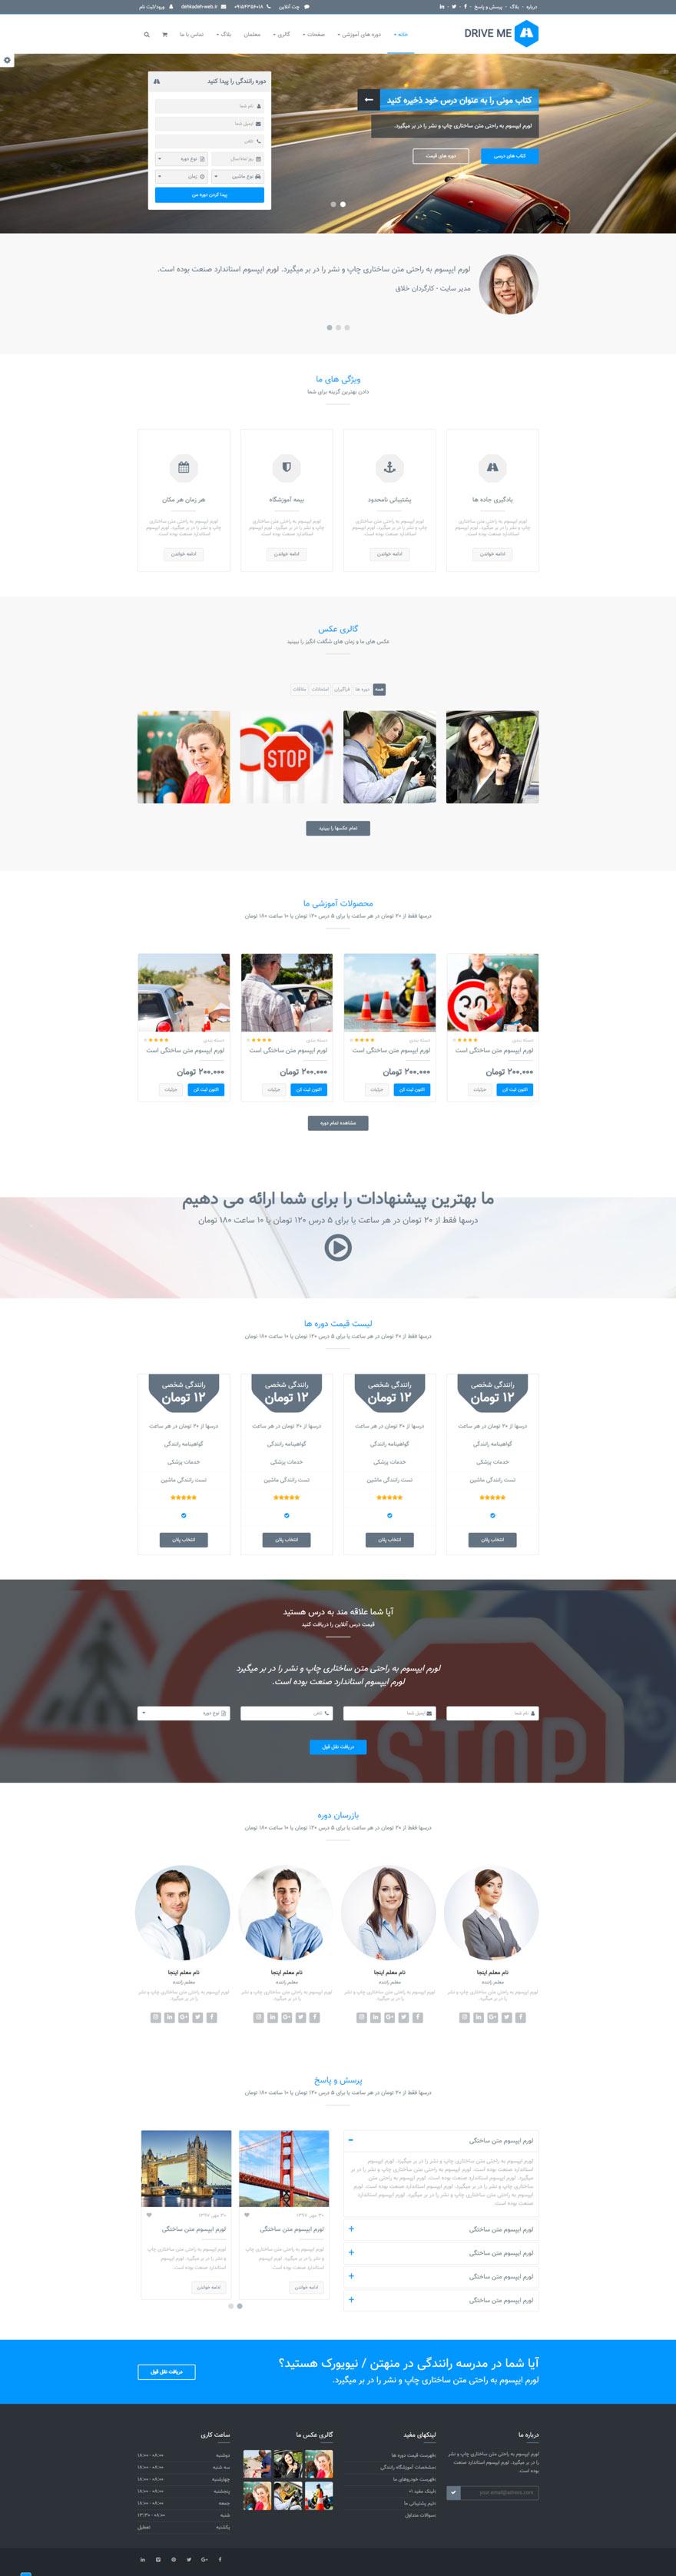 امکانات طراحی سایت مترجم